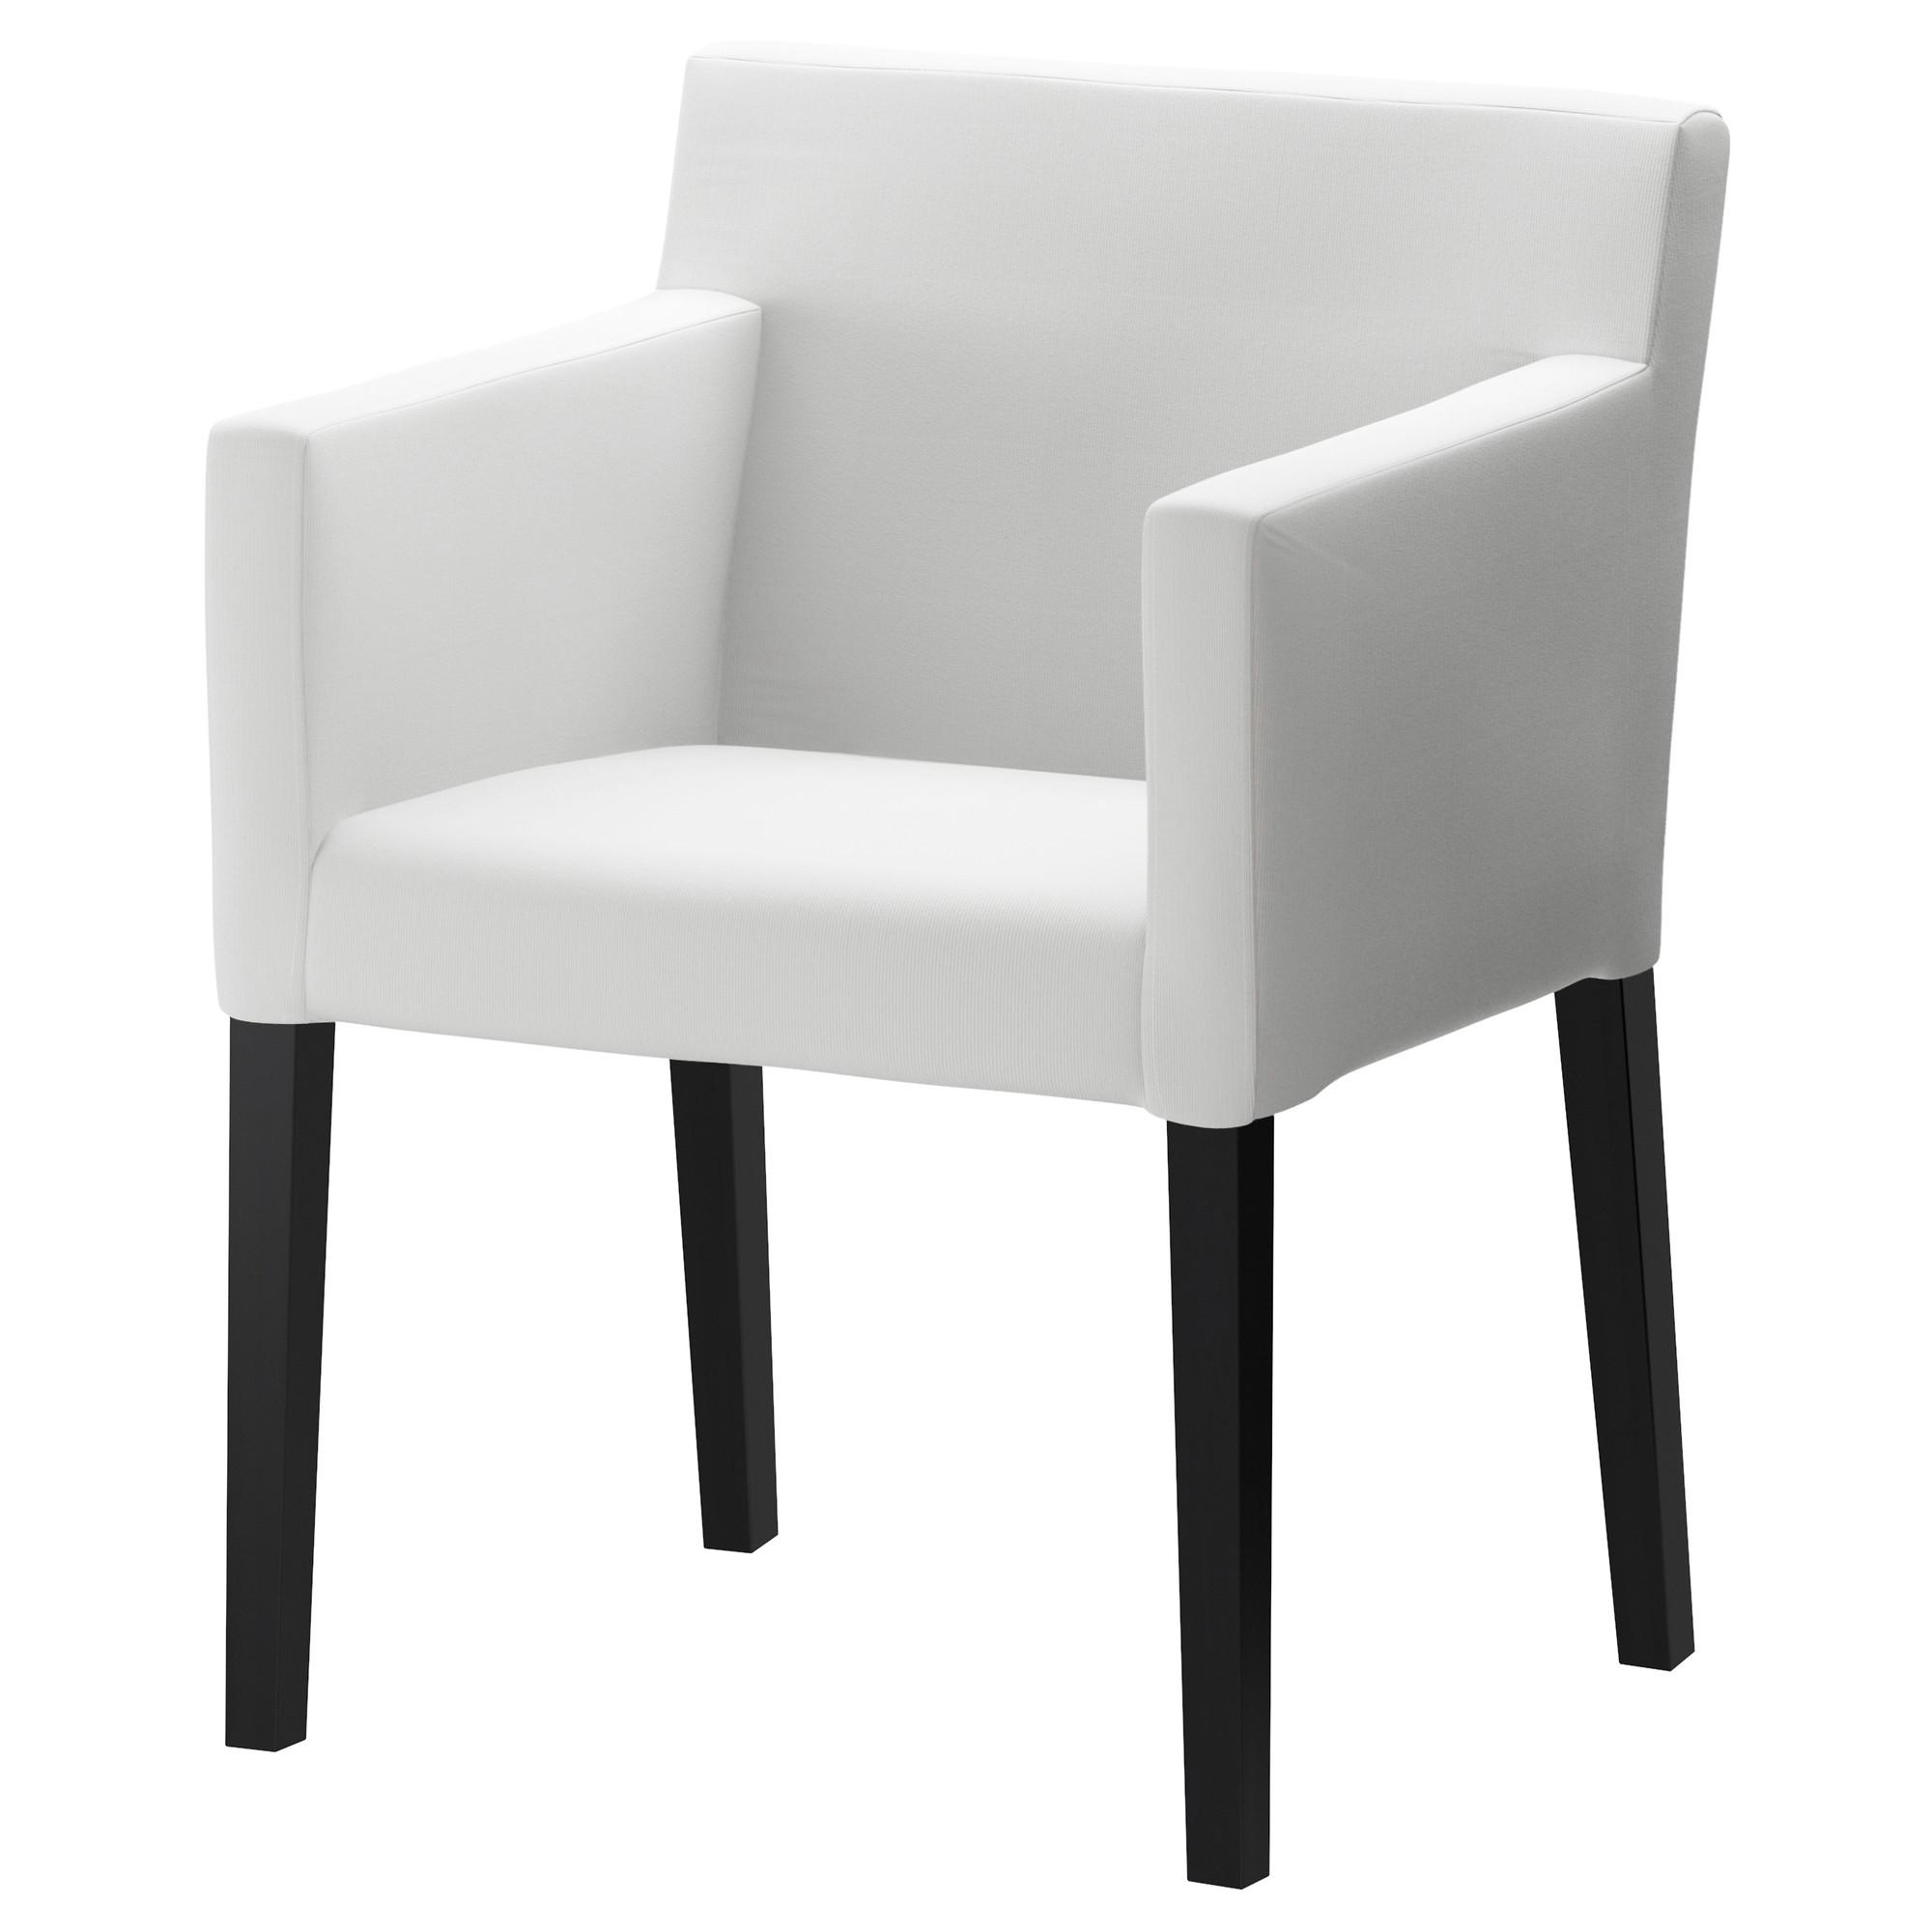 Nils silla con reposabrazos blekinge blanco - Sillas con reposabrazos ikea ...